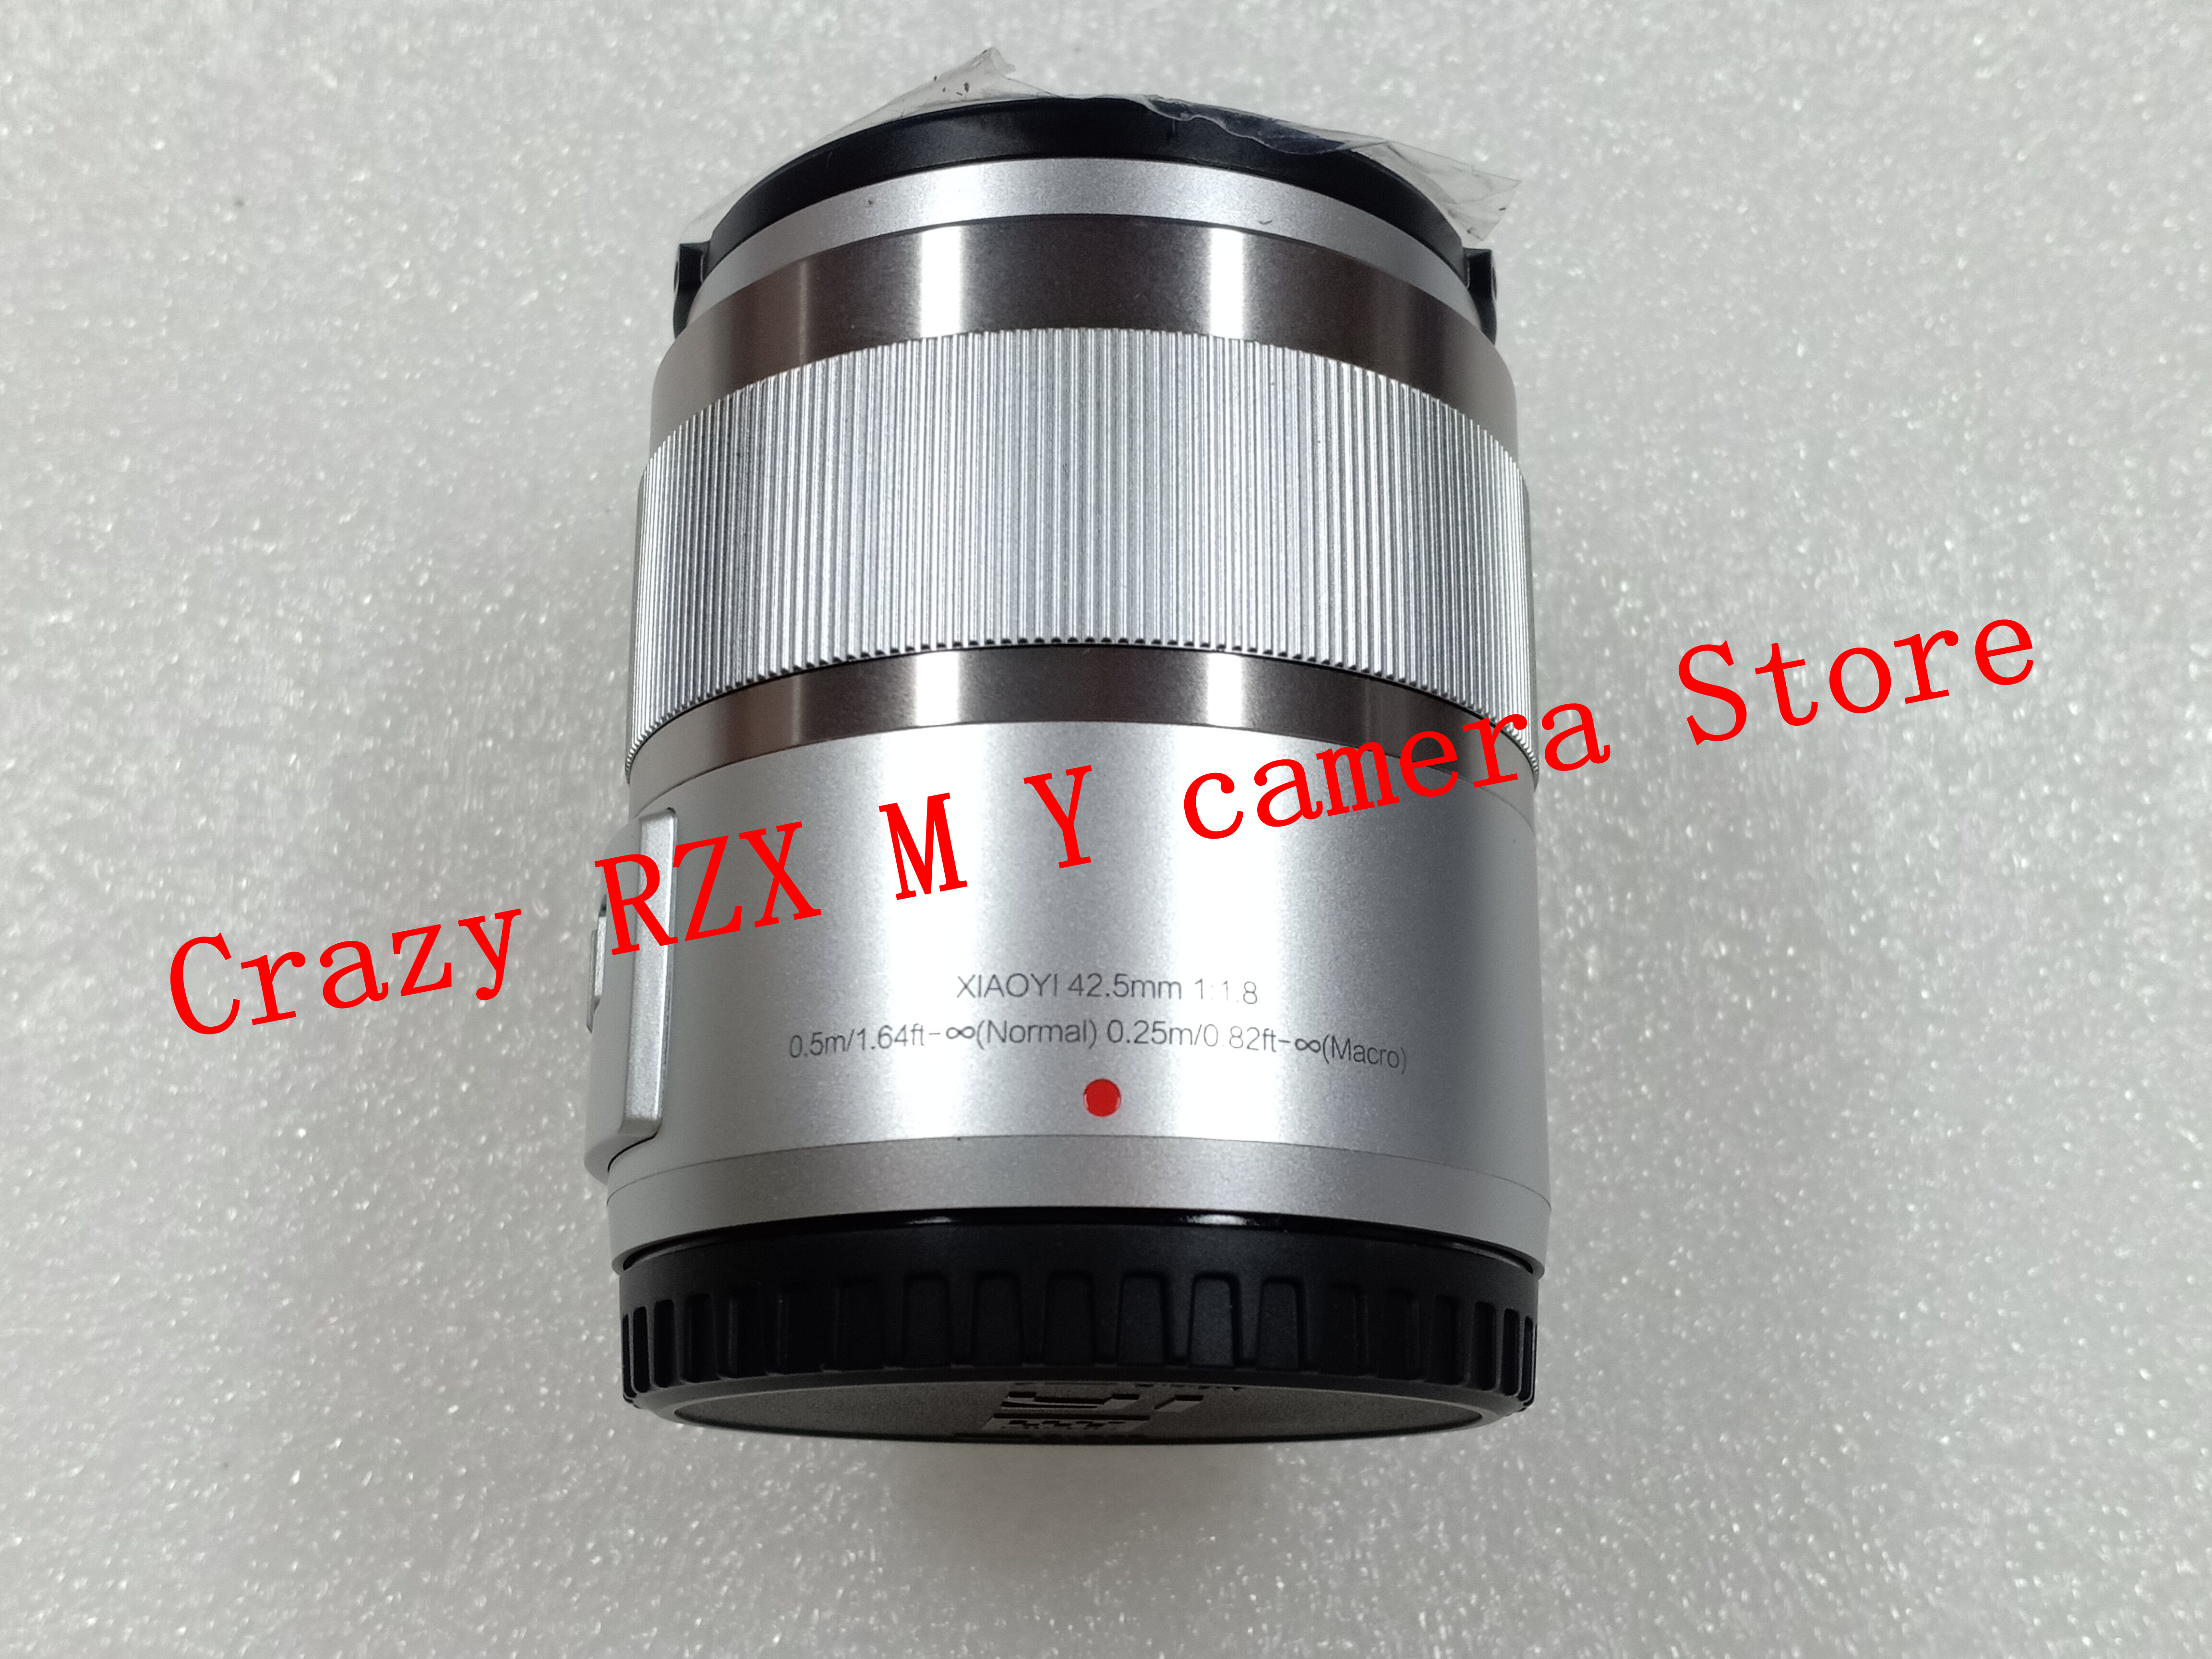 Nouveau 42.5mm 42.5 F1.8 à focale fixe Pour YI M1 pour Olympus E-PM1 E-P5 E-PL3 E-PL5 E-PL6 E-PL7 E-PL8 E-PL9 EM5 II EM10 II caméra - 2